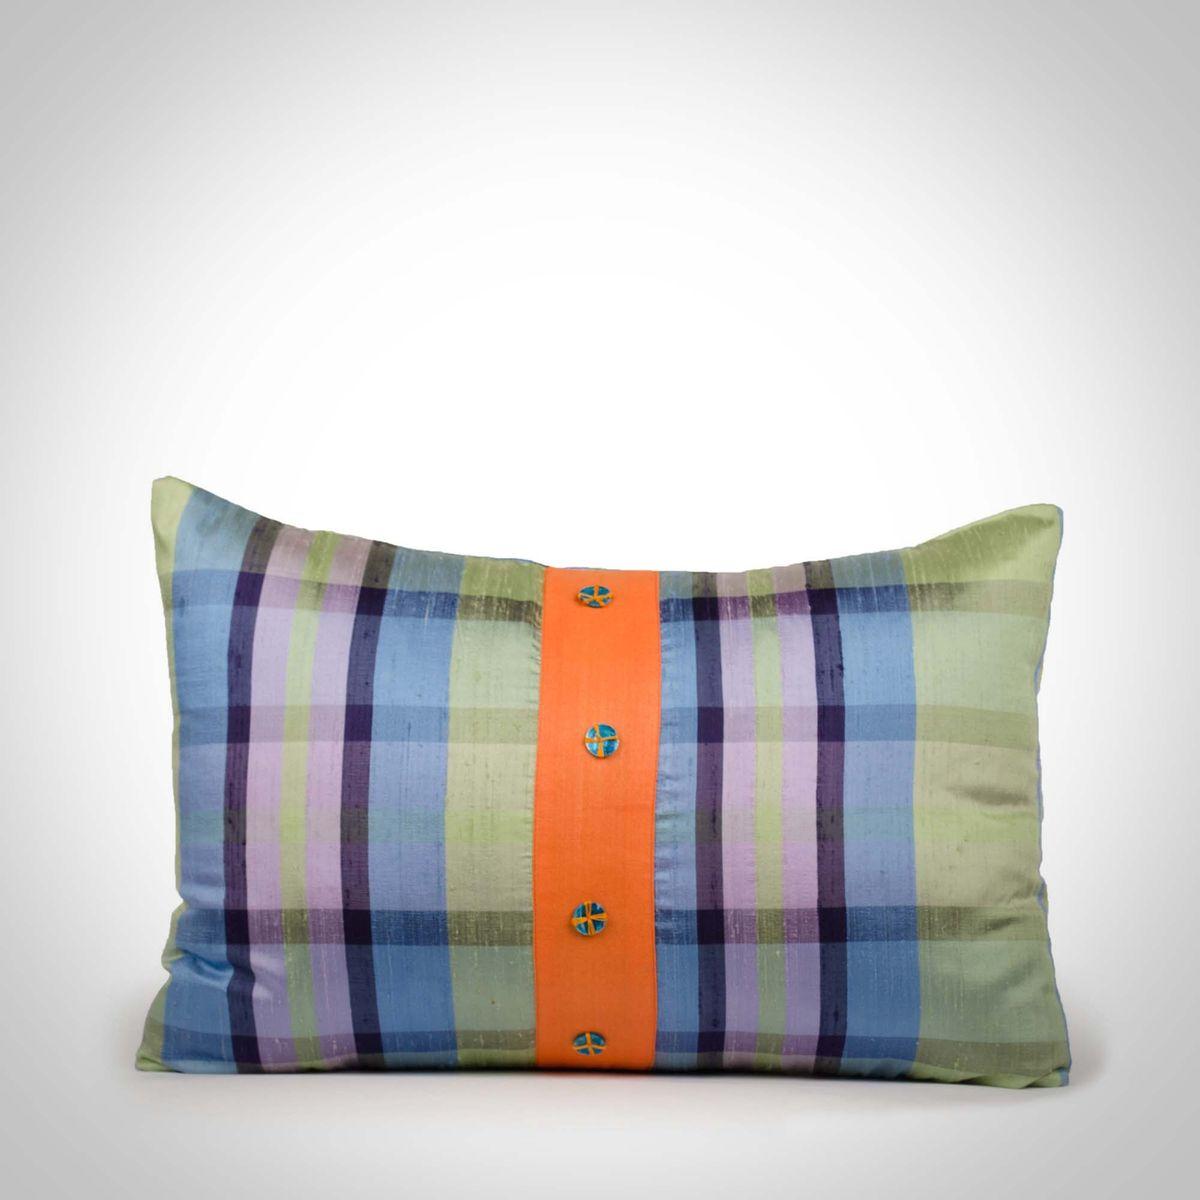 Silk Cushion Cover - 12x18Inch